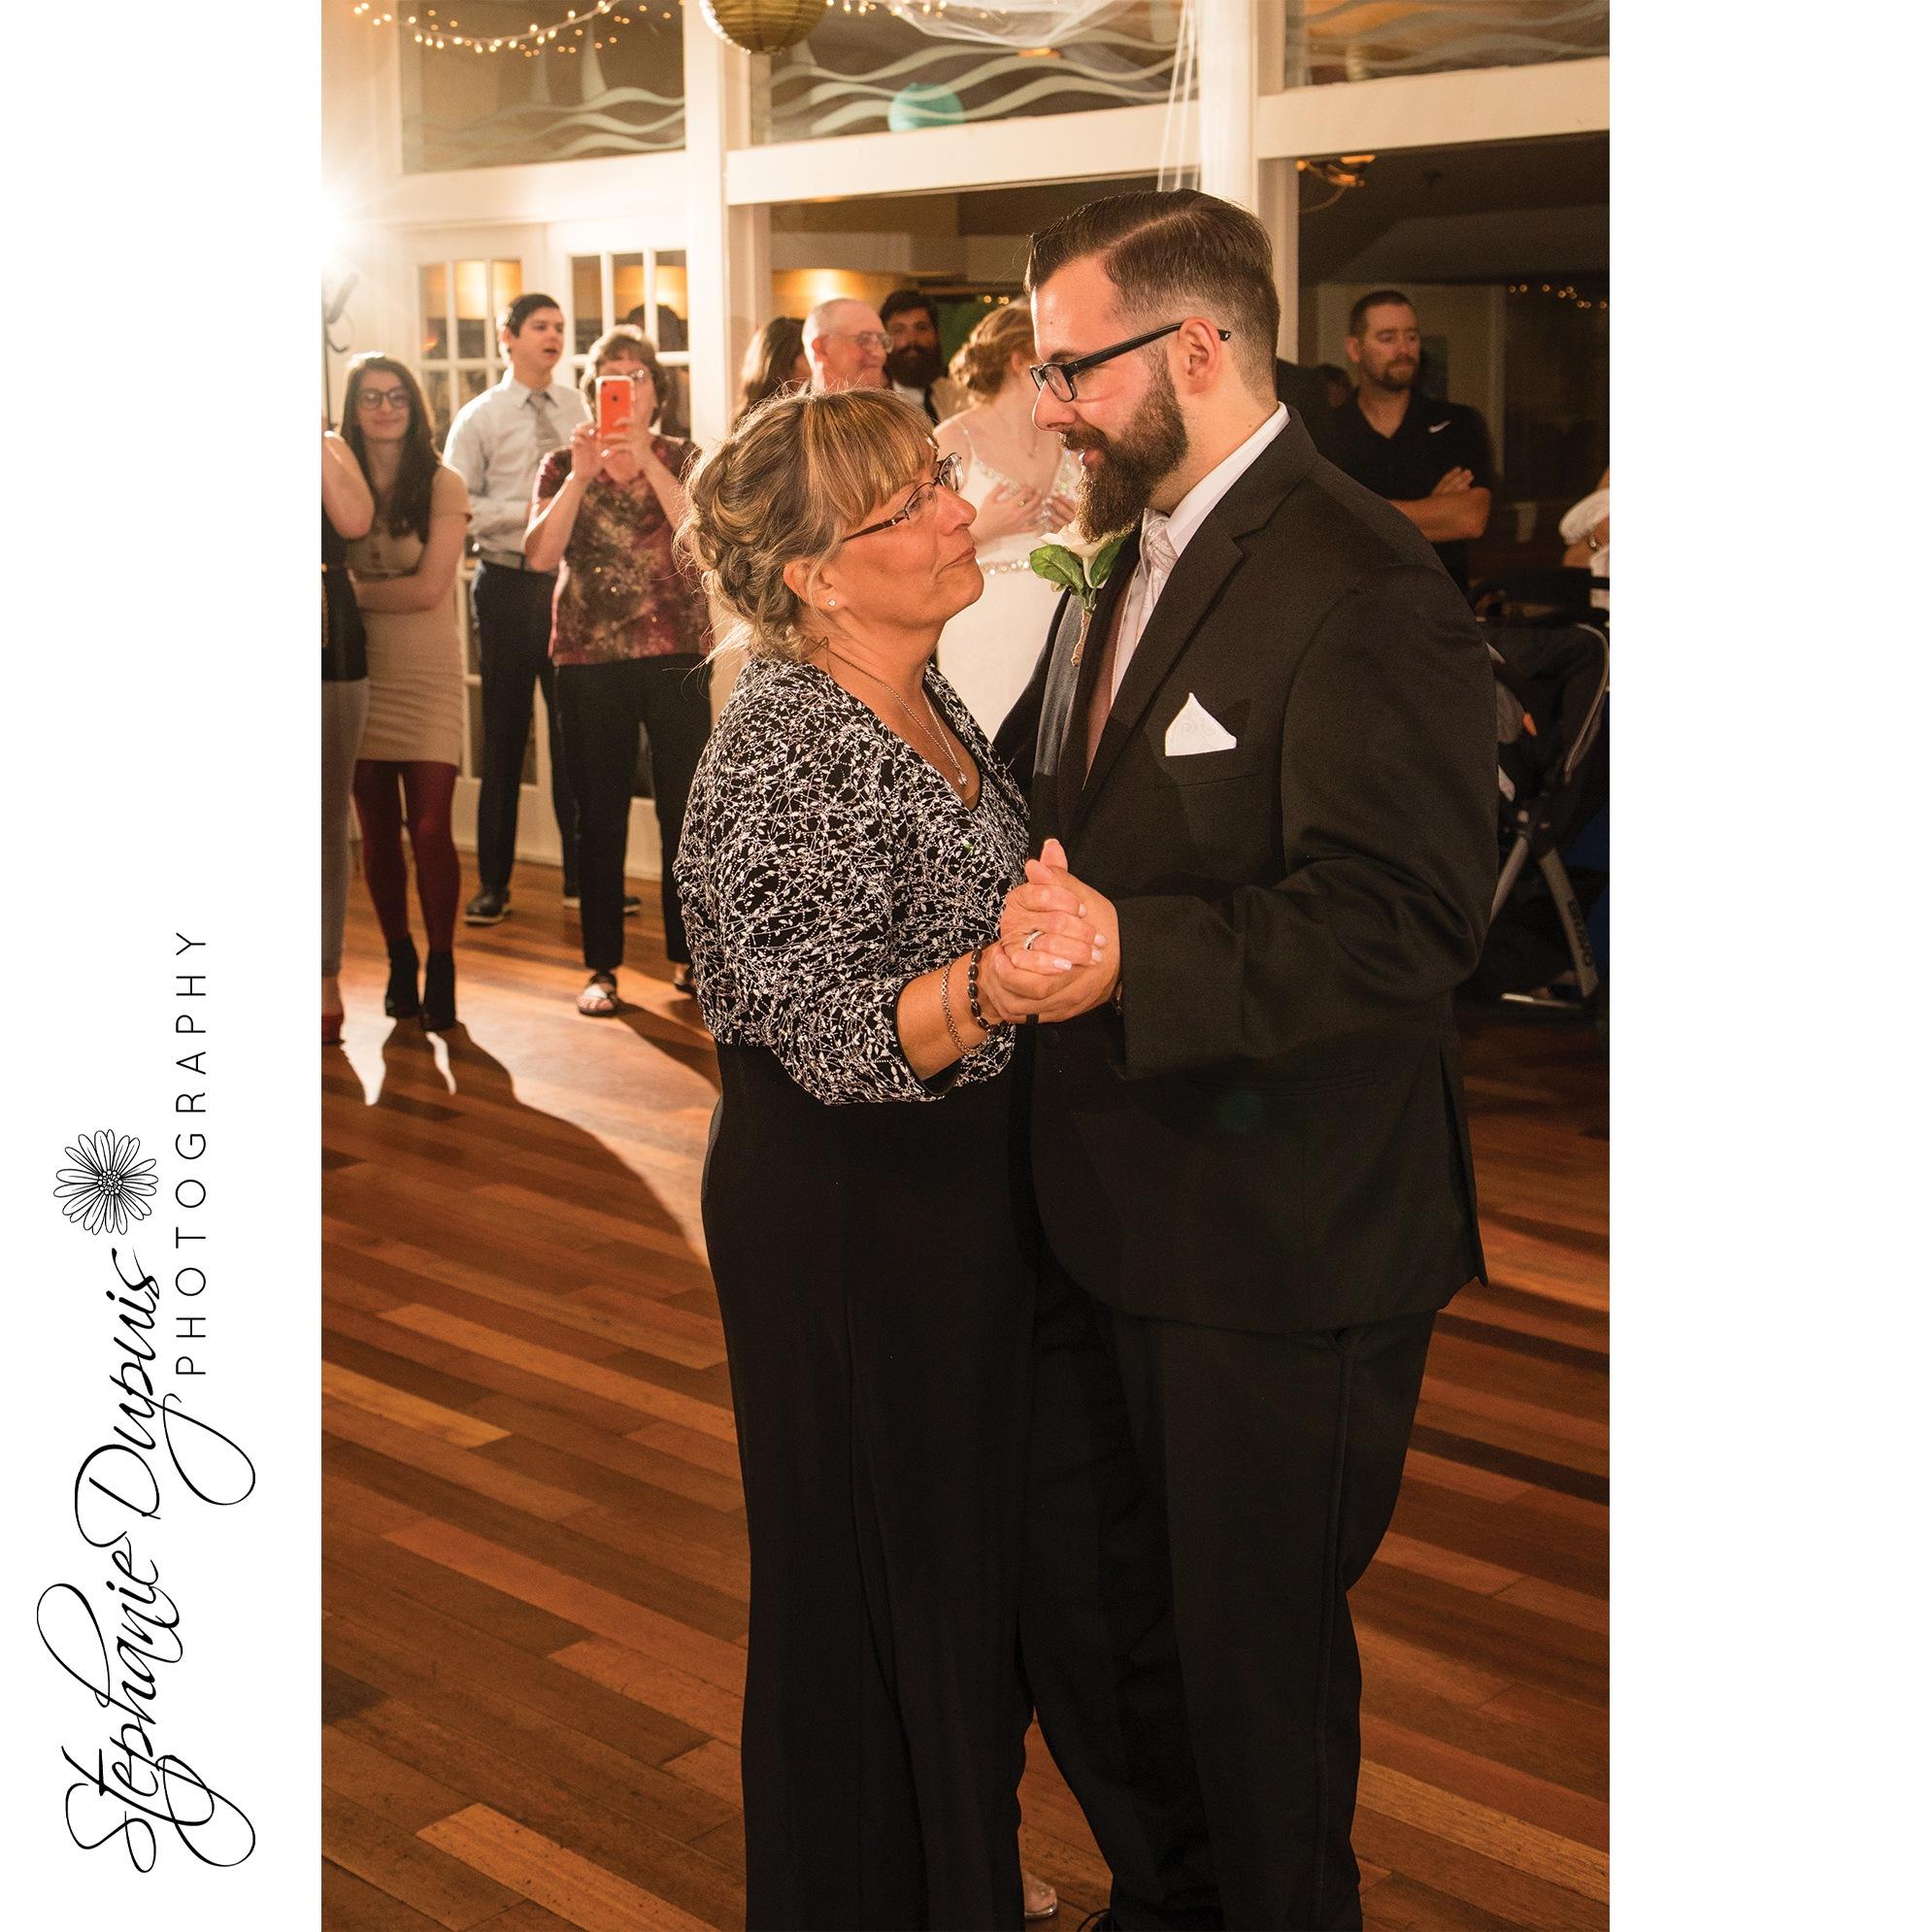 Gaffney 36 - Portfolio: Gaffney Wedding